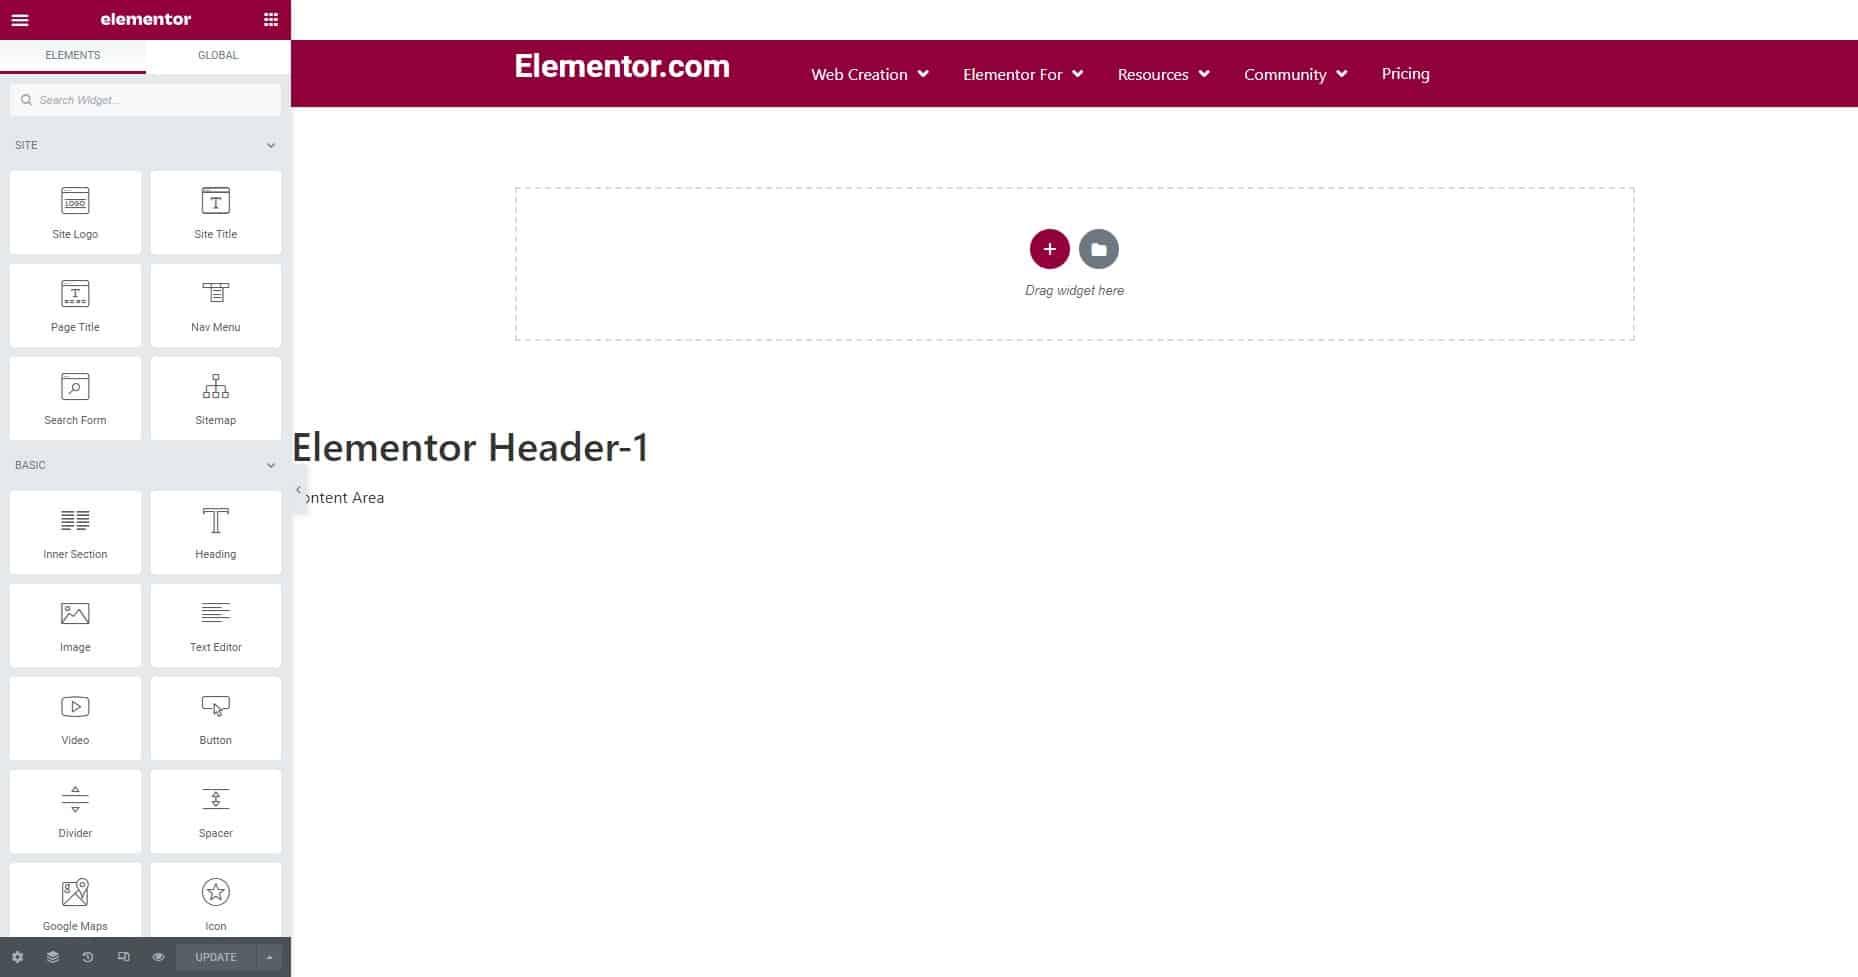 Elementor Header-5